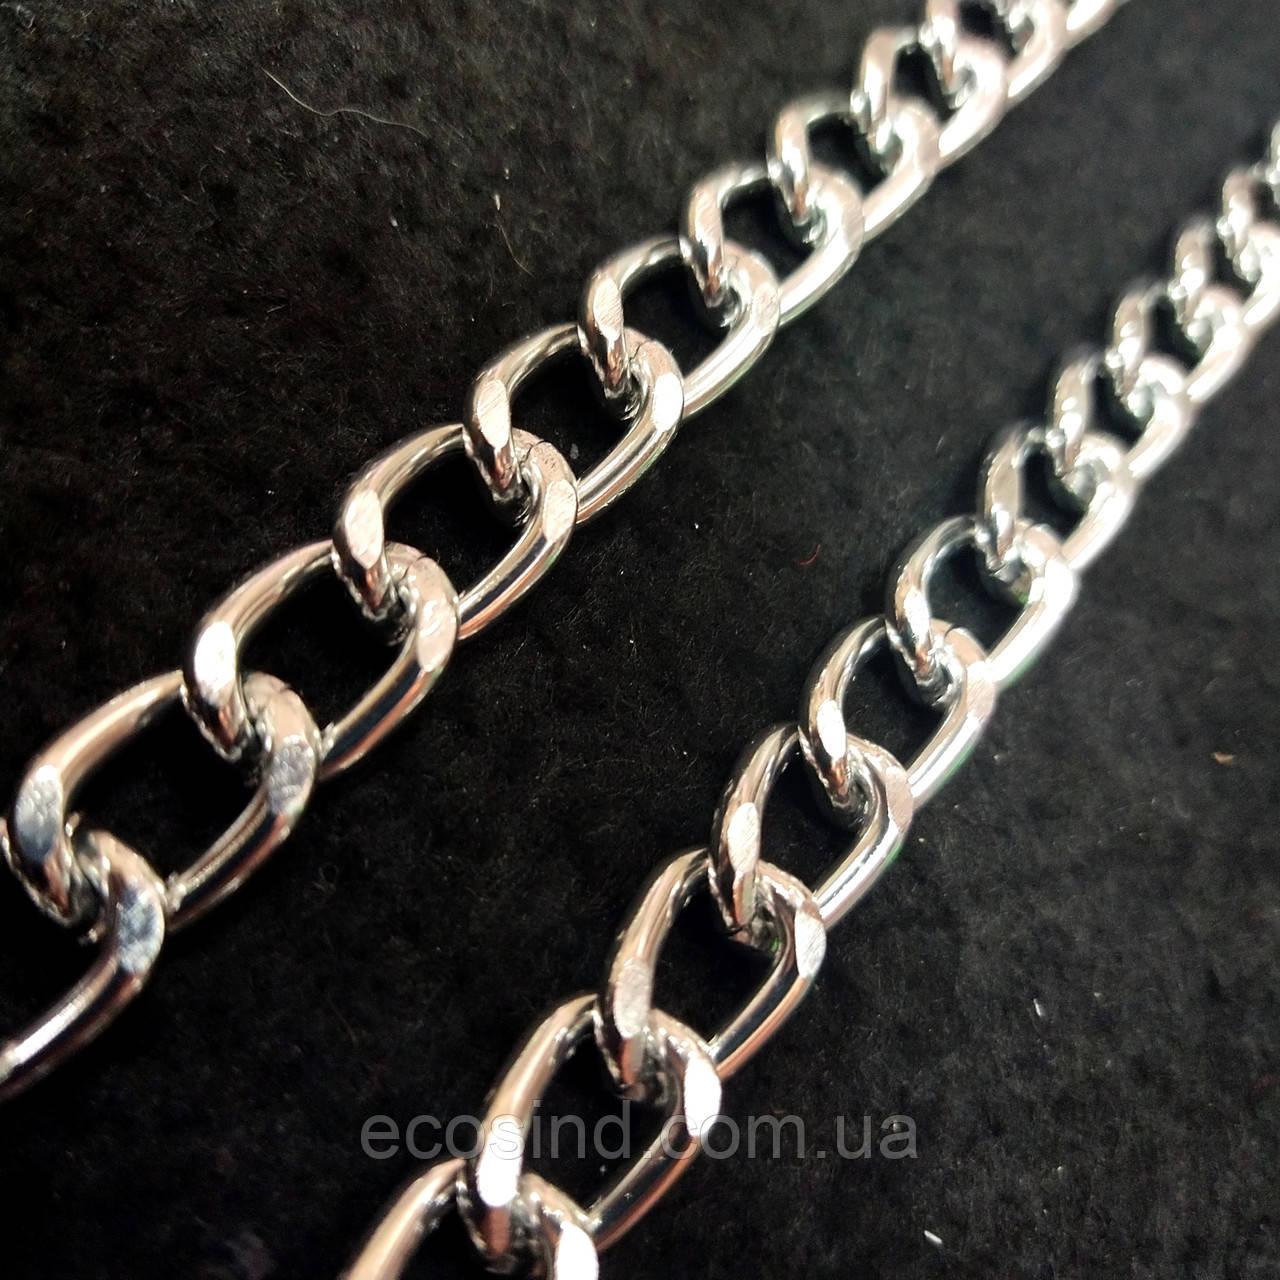 Декоративные цепи для сумок и одежды на метраж (НДК-16-ник)